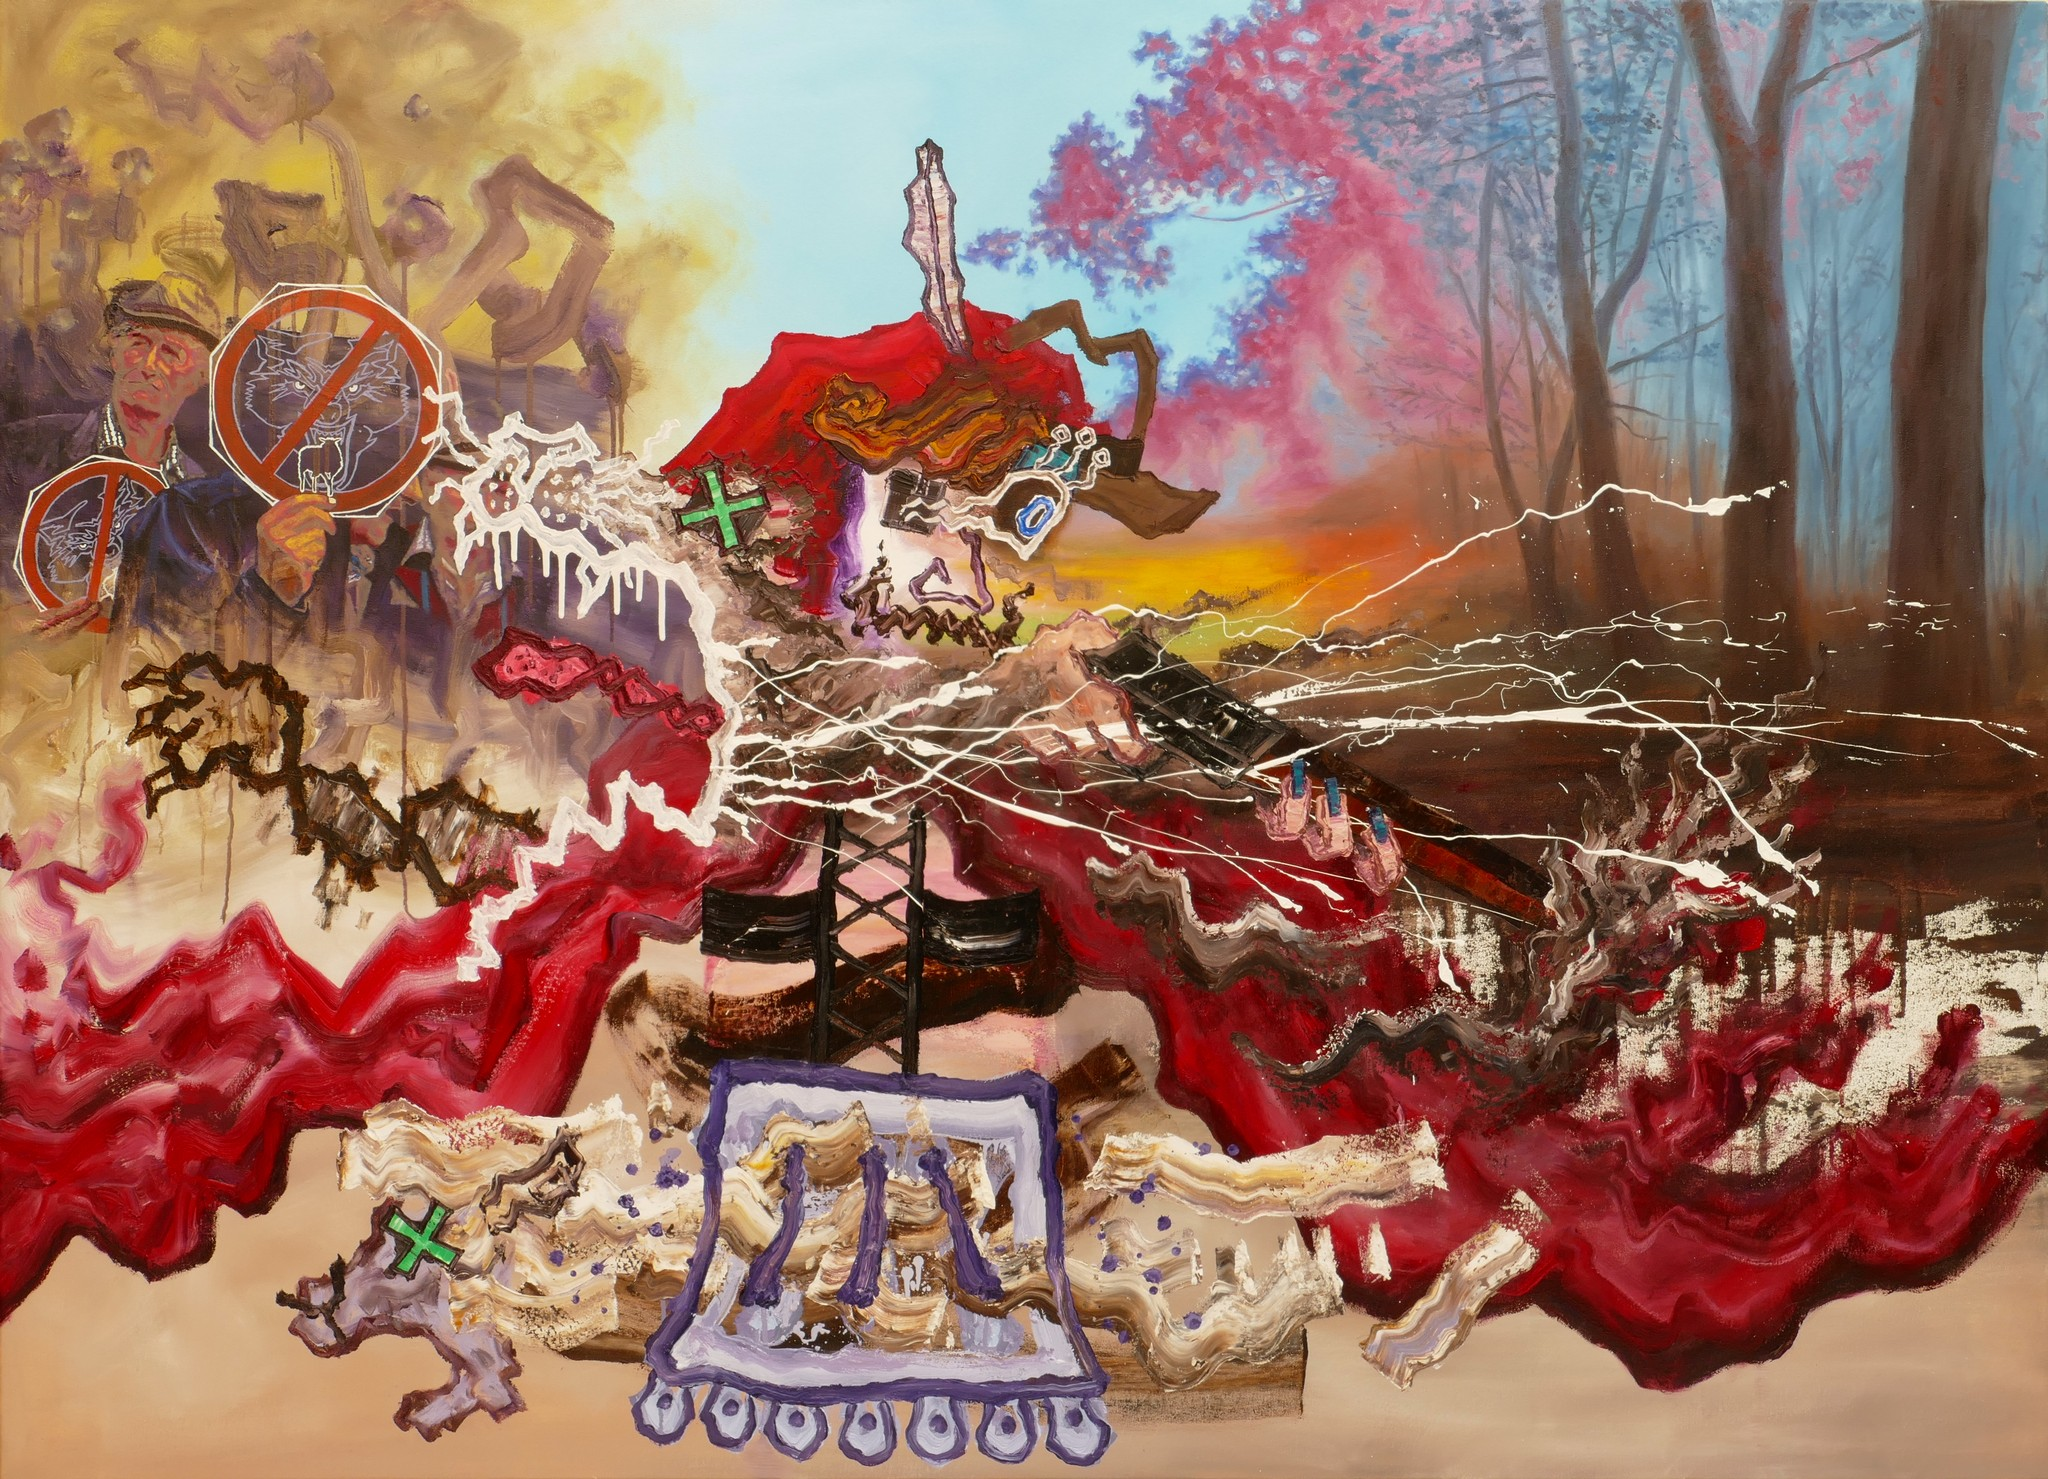 Ryo Kato, Kein Platz für Wölfe,Öl auf Leinwand, 130x180cm, presented by Galerie Bengelsträter